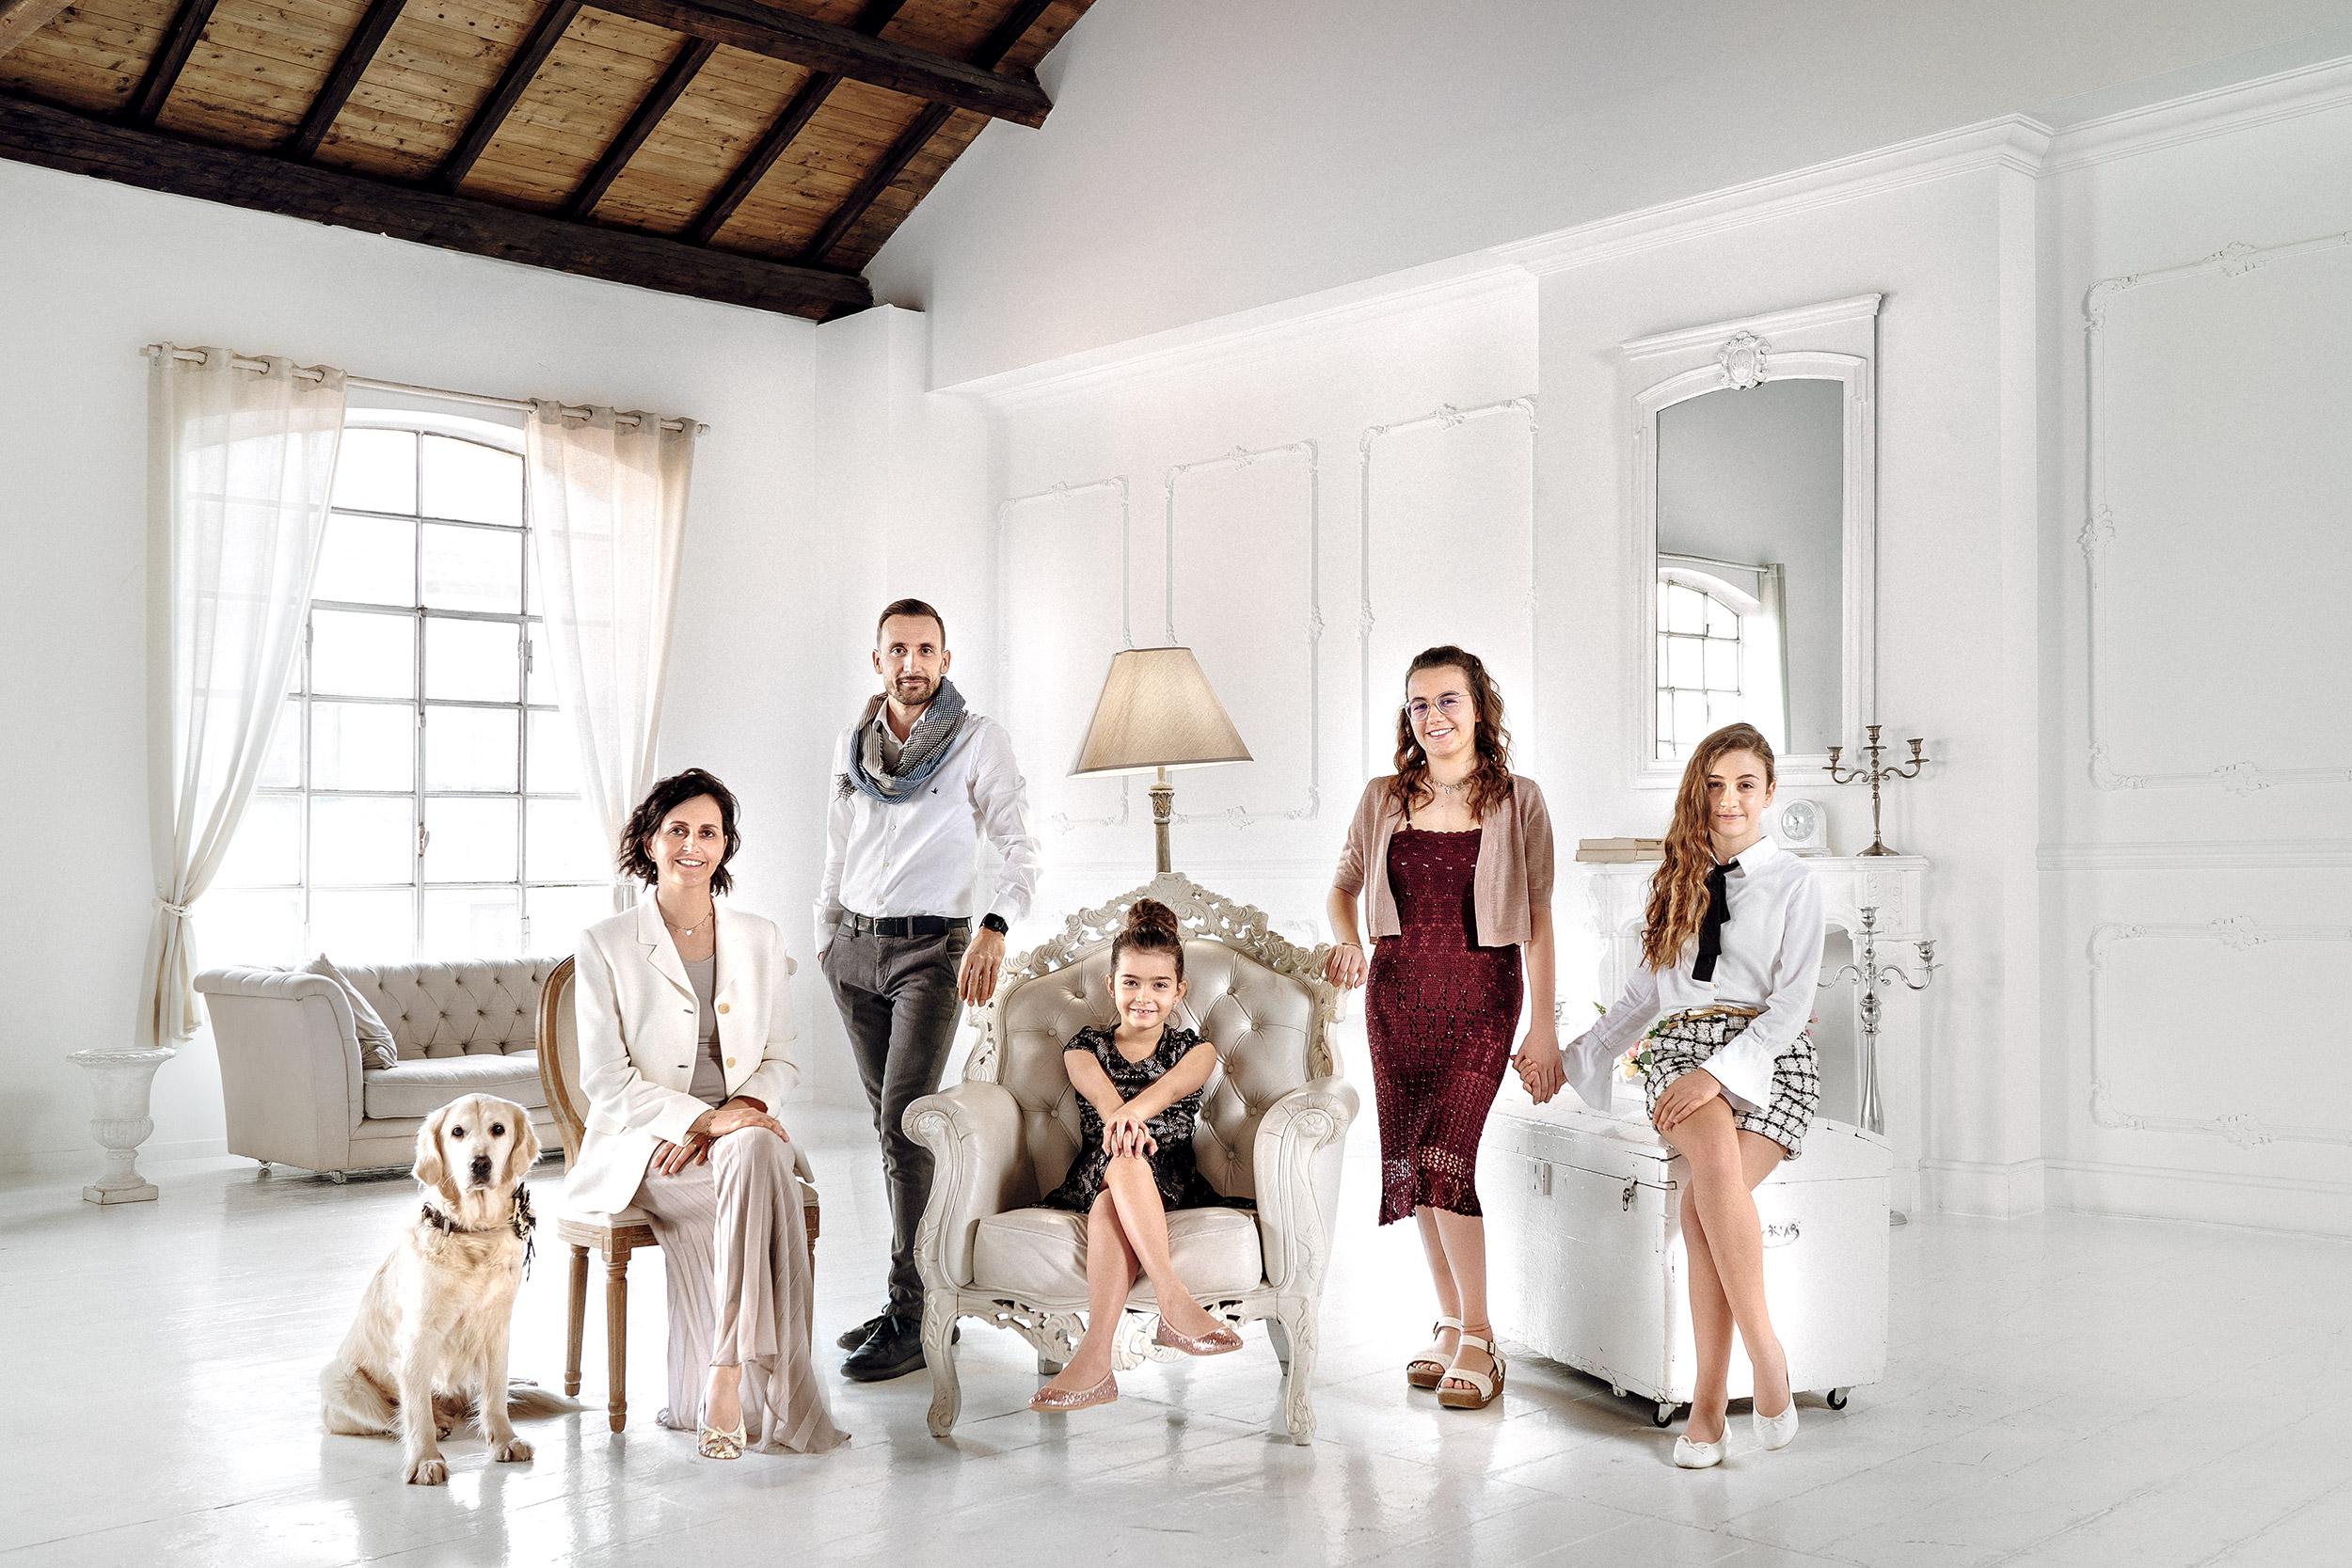 010 fotografi lecco ritratti studio family